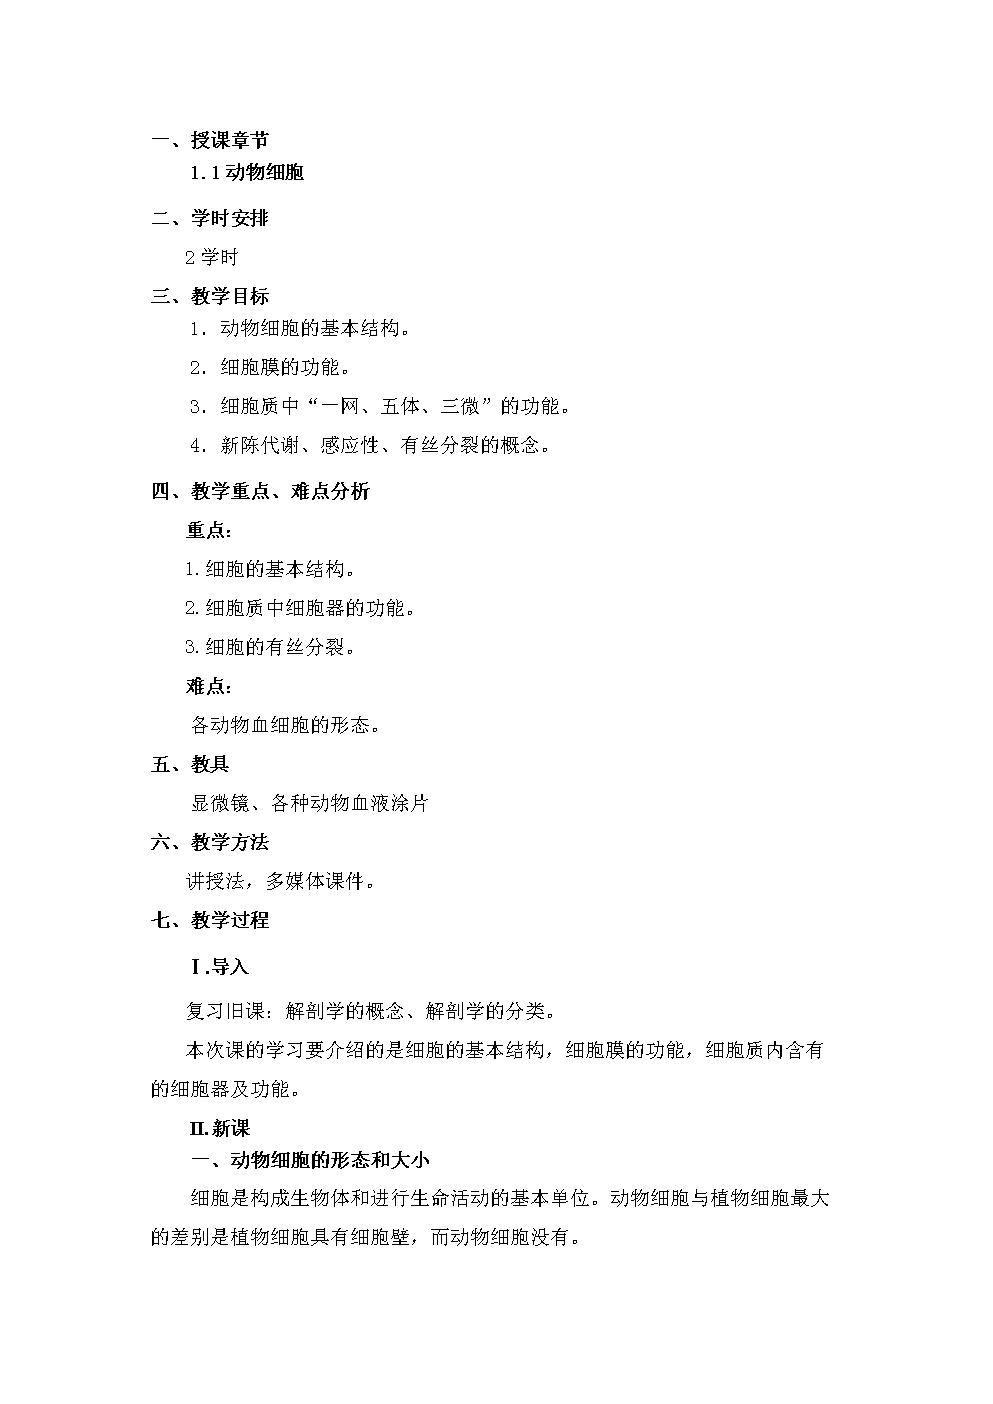 解剖教案习题.doc